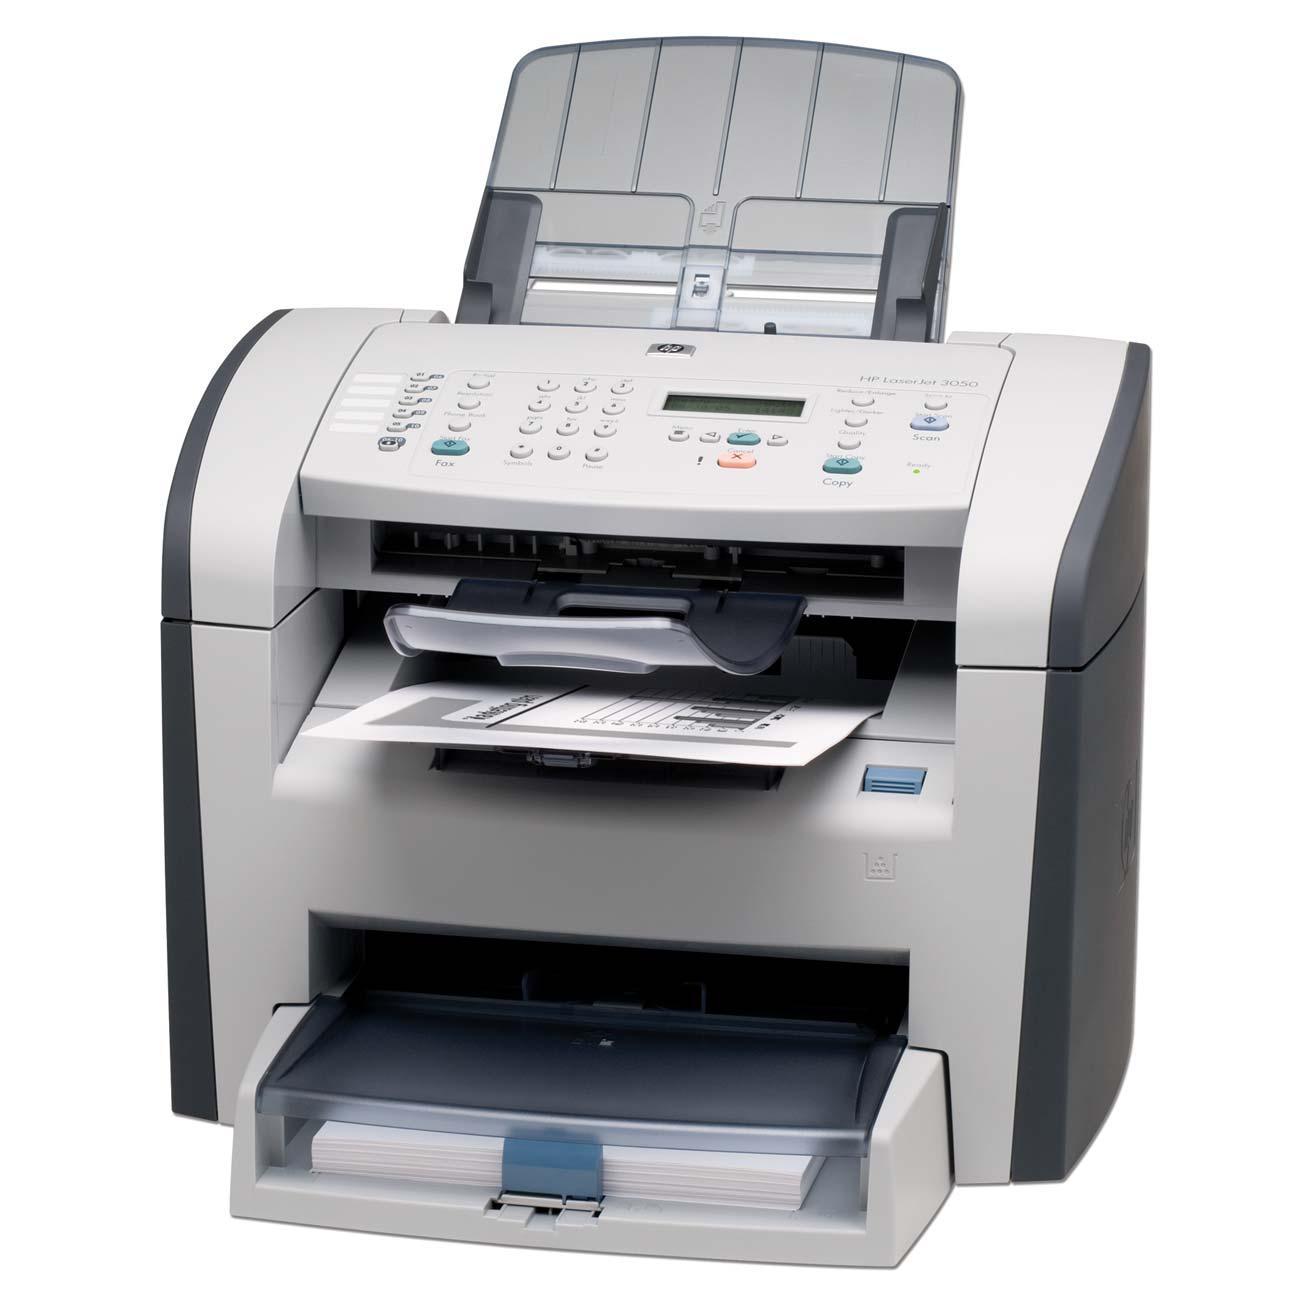 HP LaserJet 3050 All-In-One Printer 0